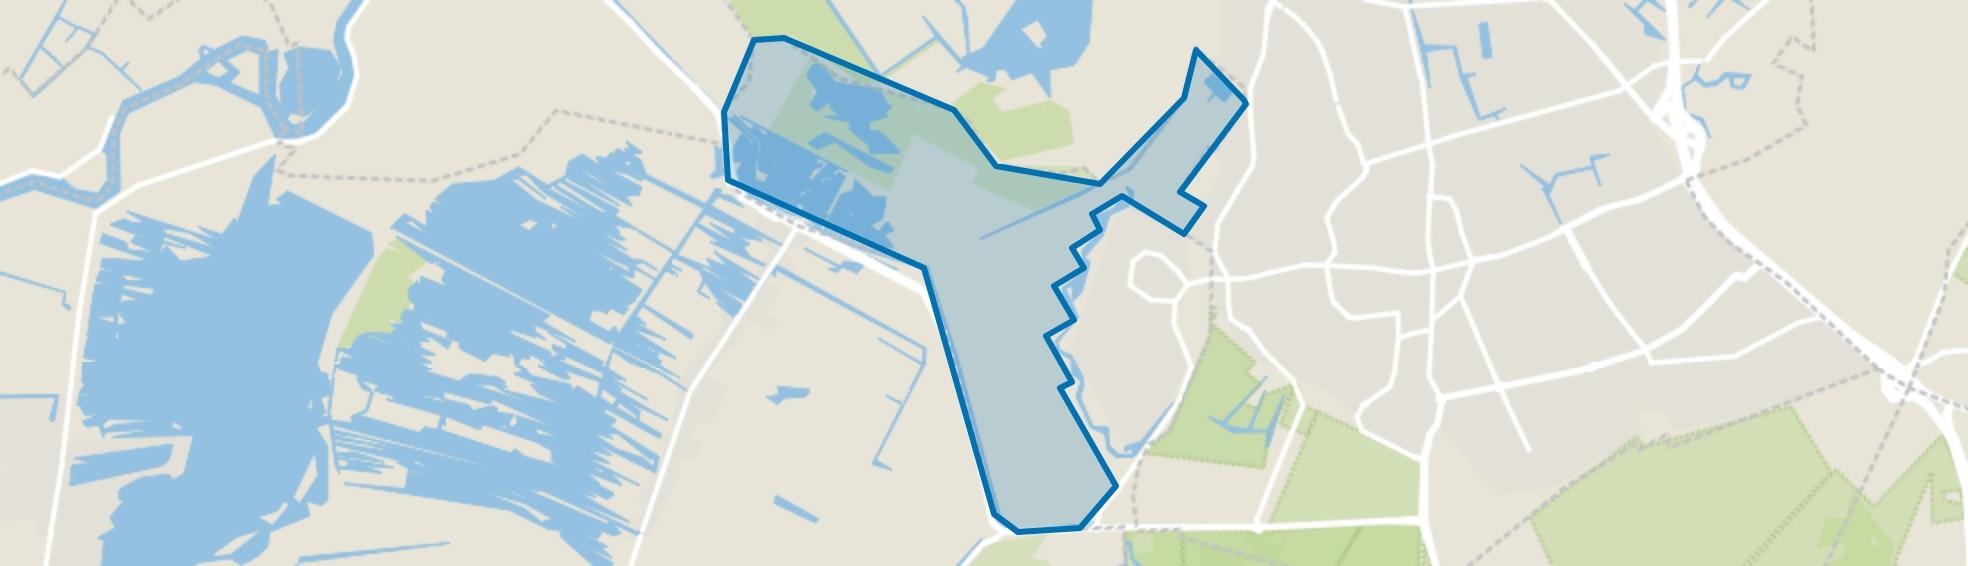 Landelijk Gebied 97, Hilversum map